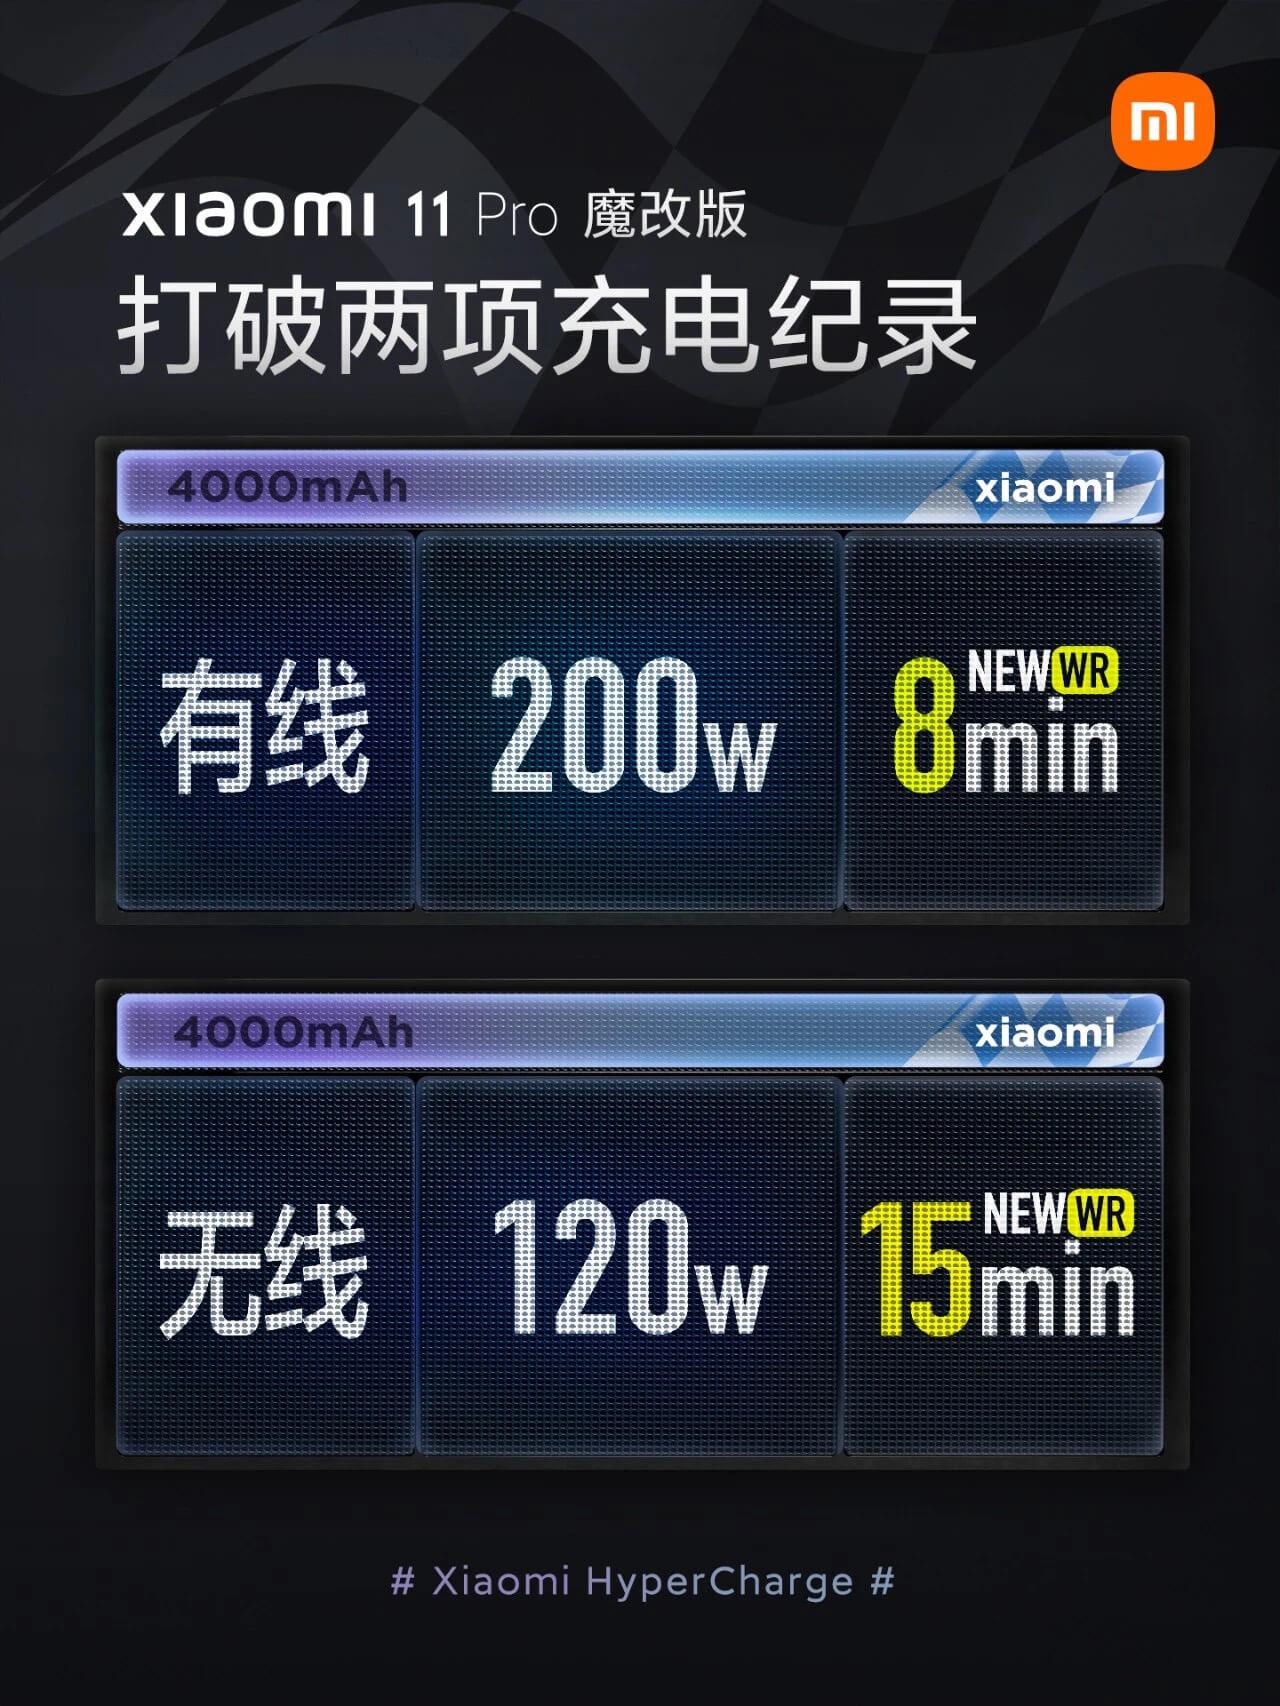 小米再创两项手机充电新纪录:200W 有线、120W 无线,最快 8 分钟充满电